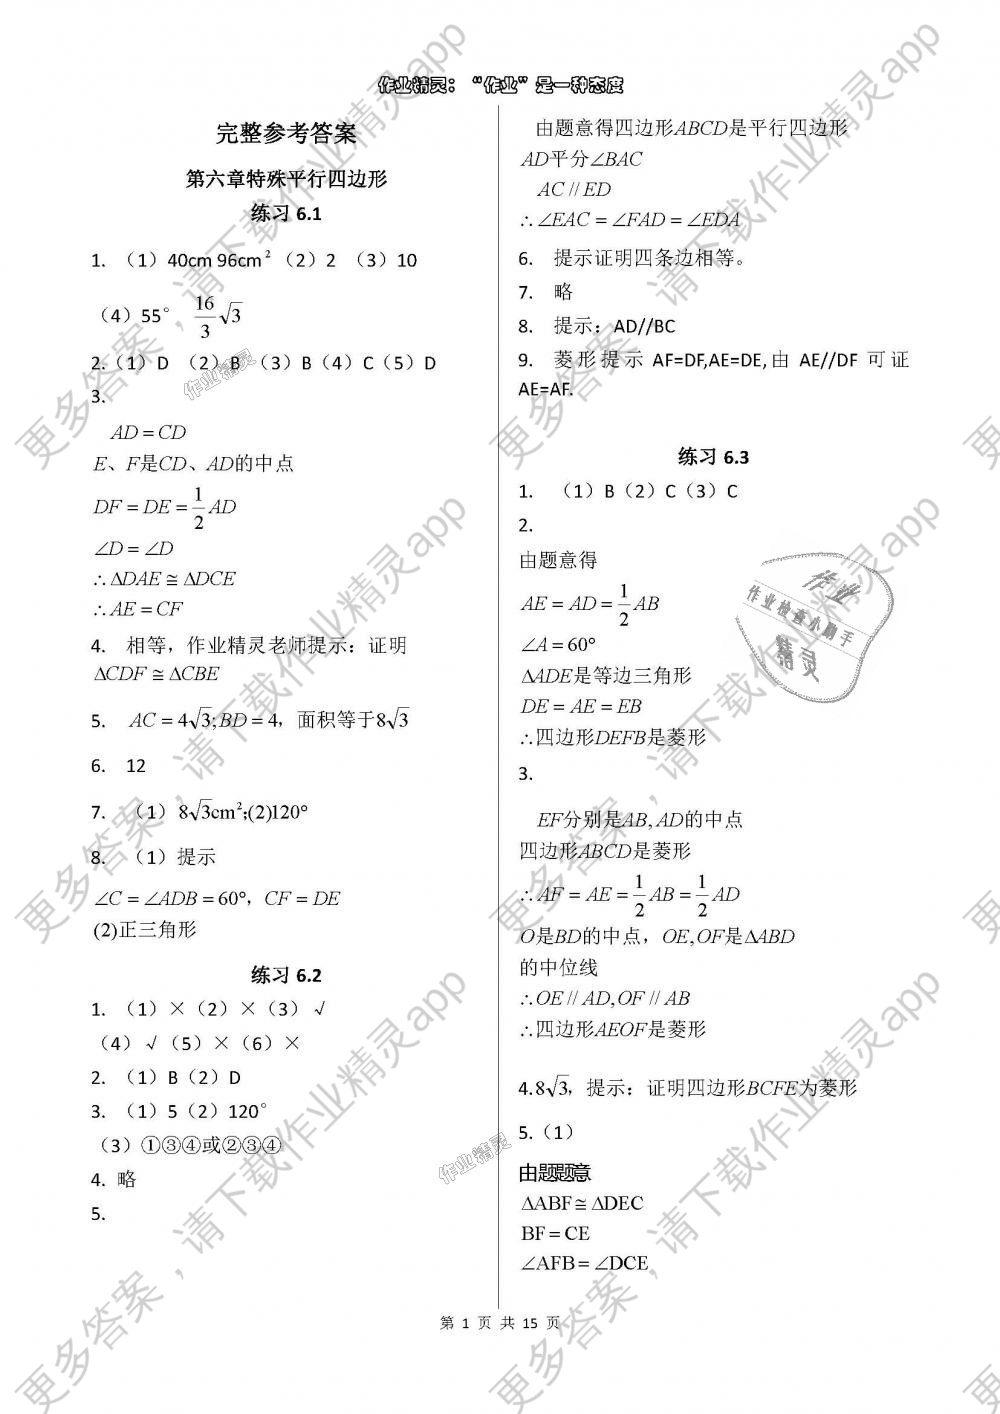 2018年配套练习册八年级数学下册鲁教版五四制山东教育出版社 第1页